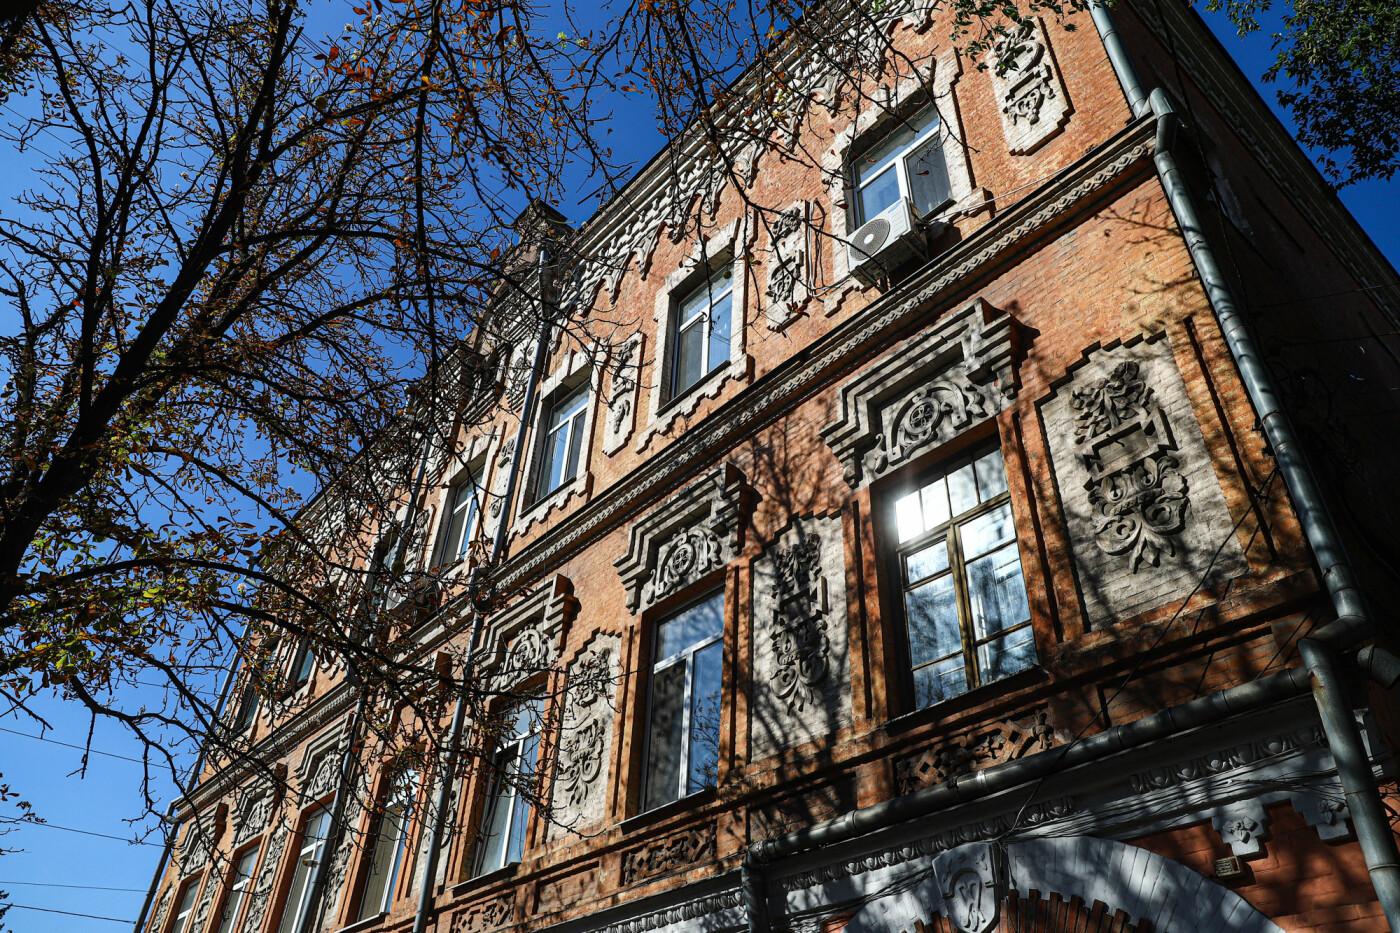 Маршруты выходного дня: не скучаем на карантине, а изучаем Запорожскую область и открываем секреты родного города, фото-32